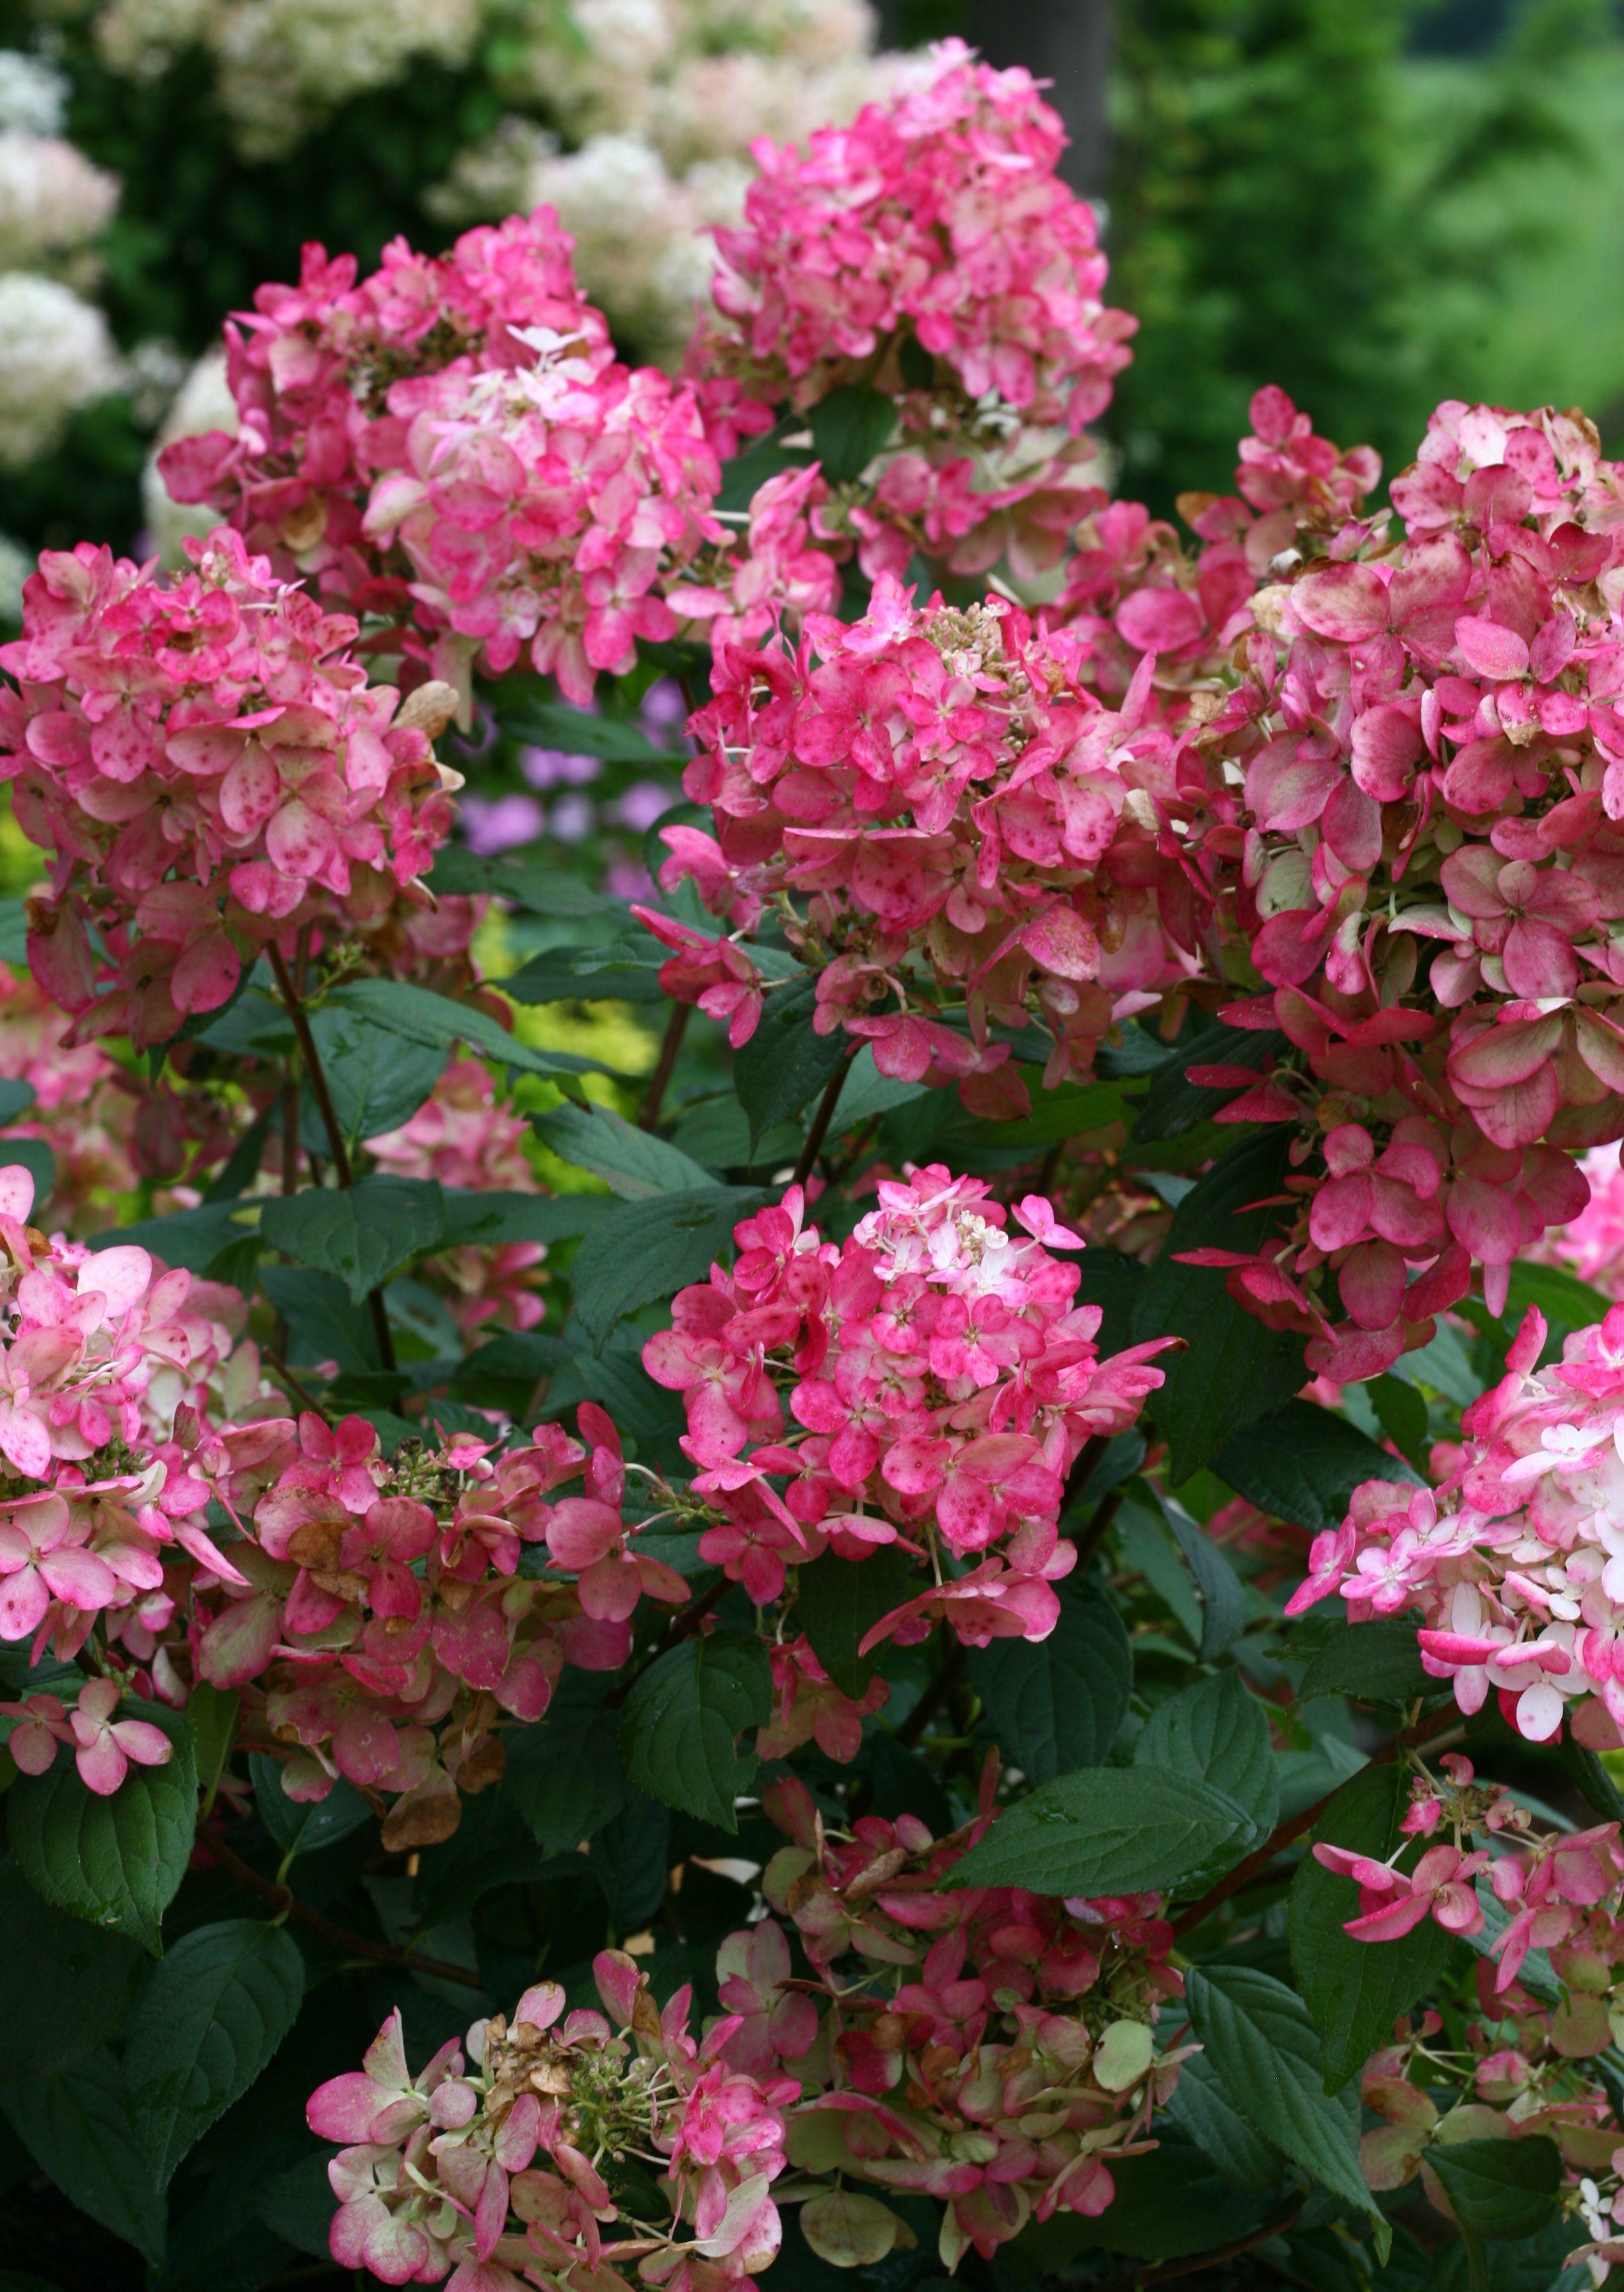 Fire Light Hardy Hydrangea Hydrangea Paniculata Hardy Hydrangea Hydrangea Paniculata Hydrangea Varieties